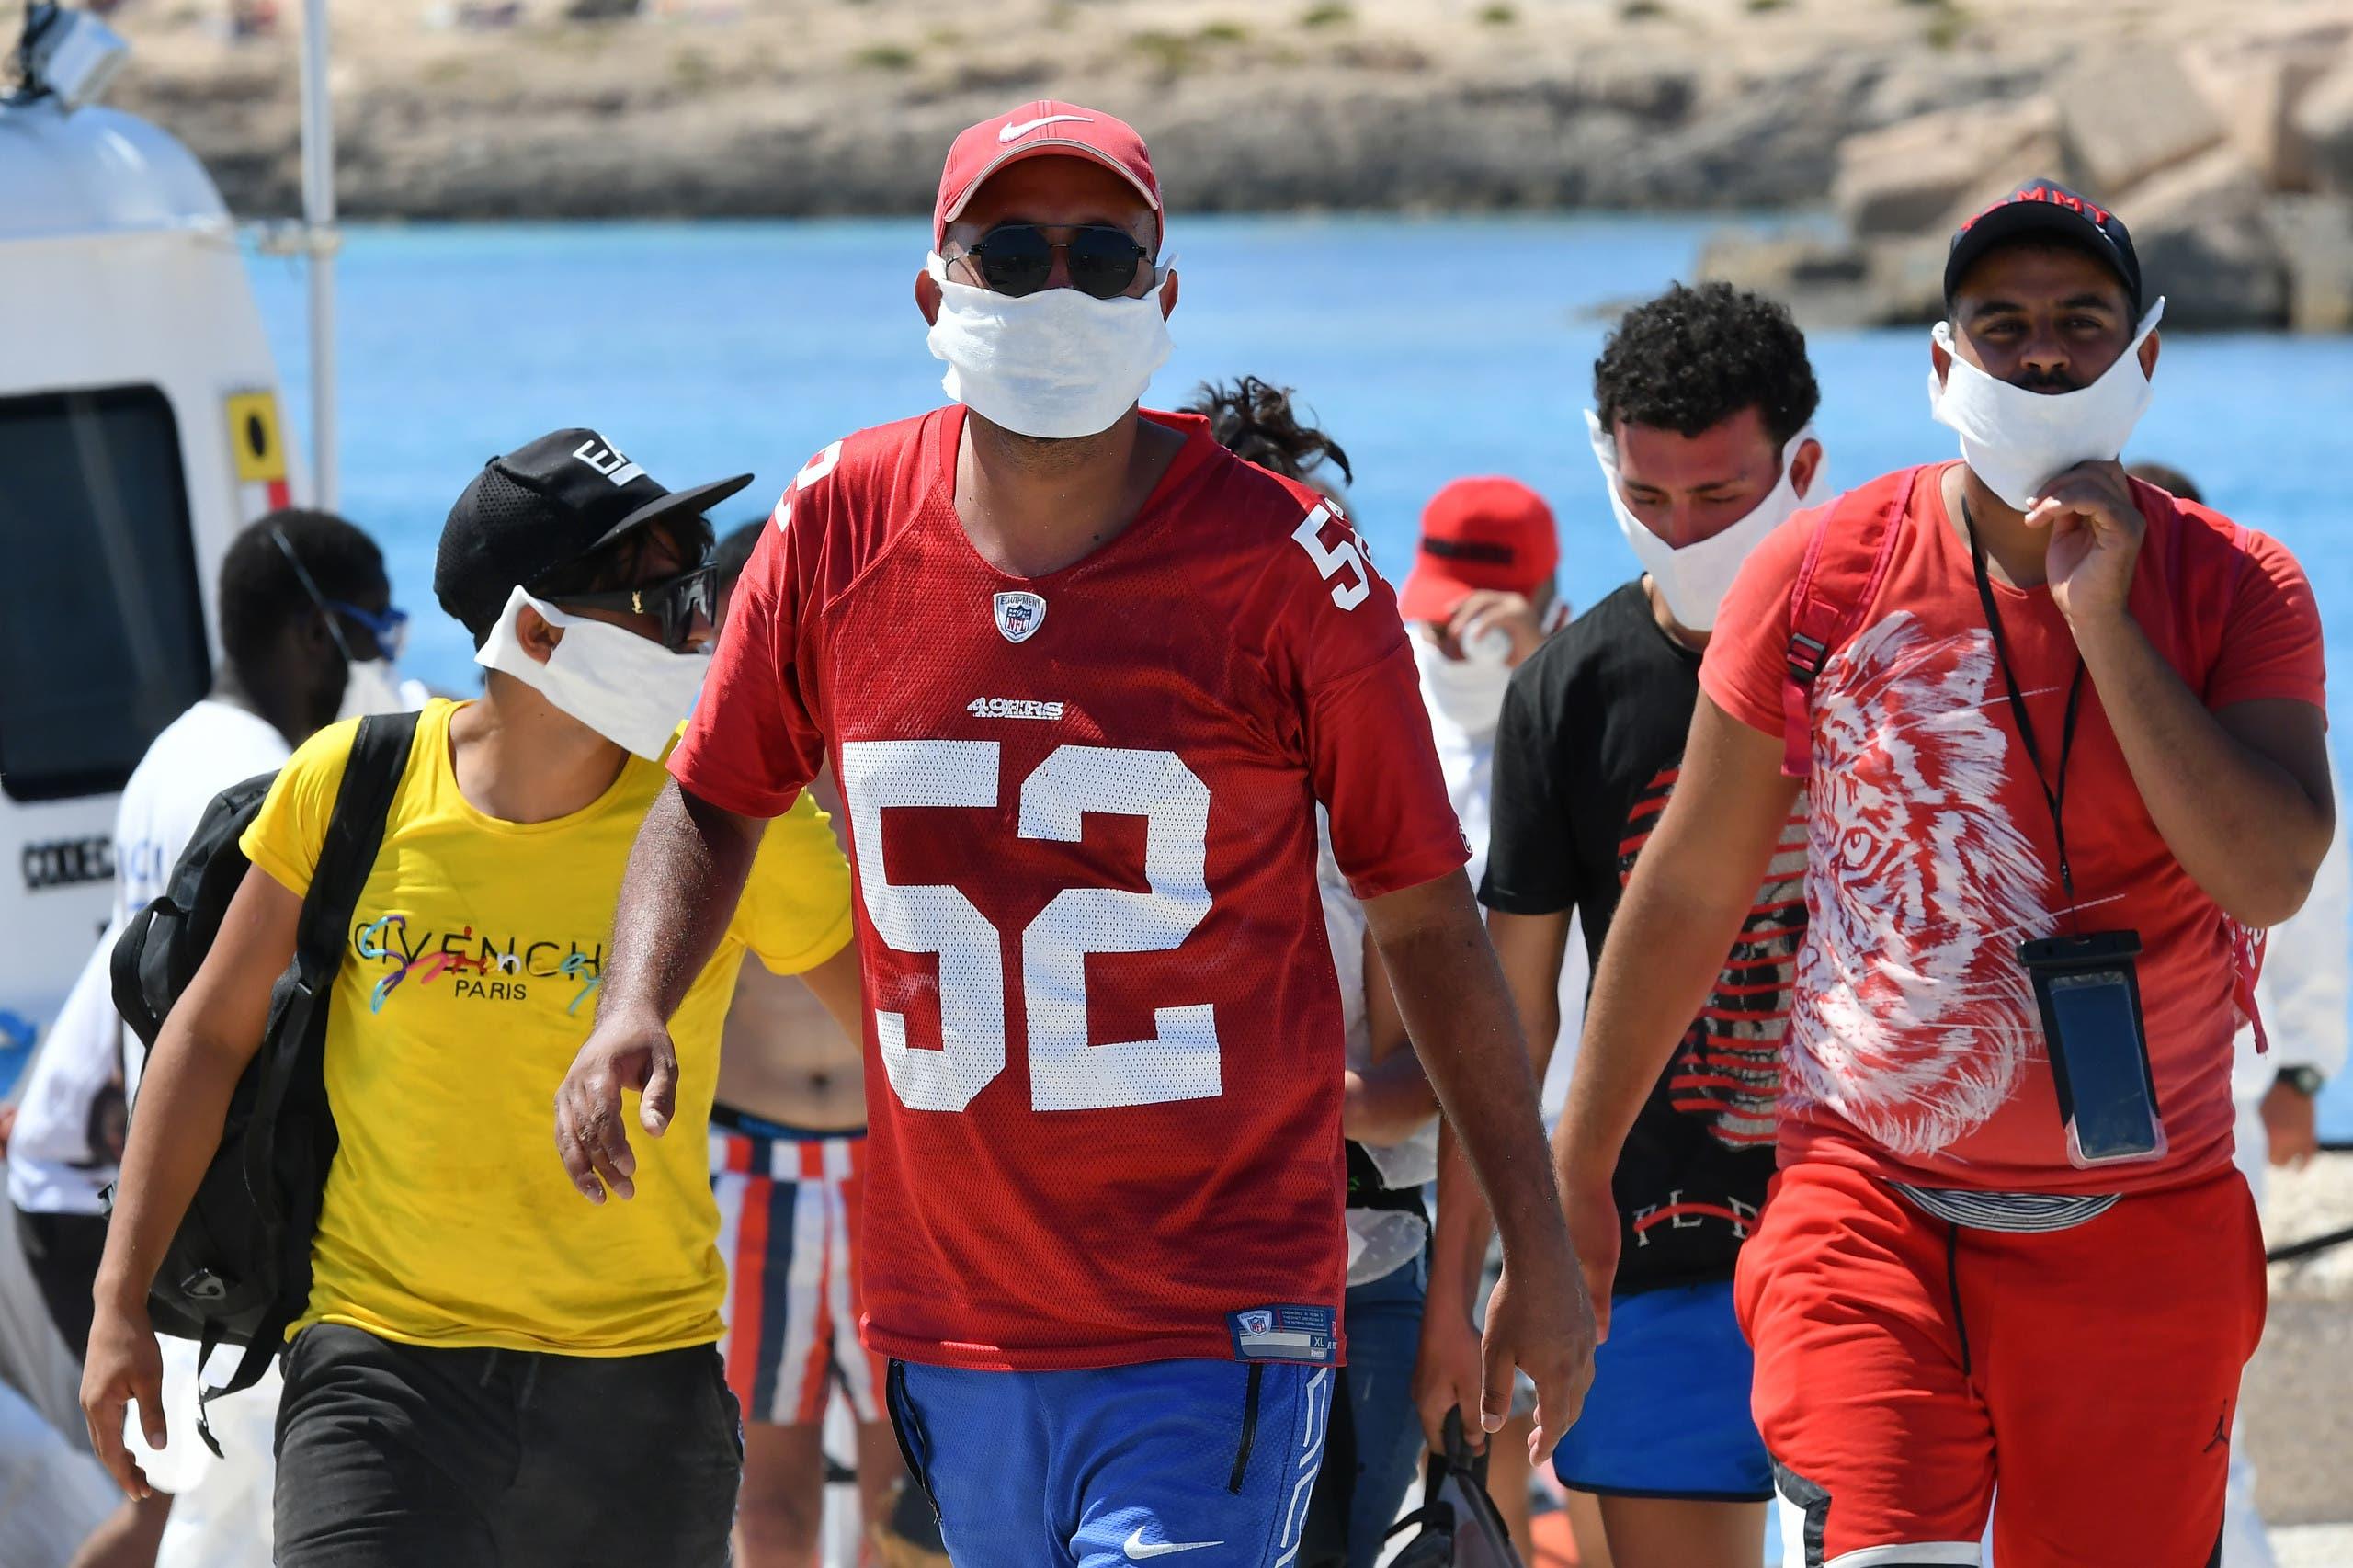 مهاجرون انطلقوا من تونس يصلون إلى لامبيدوسا  الخميس